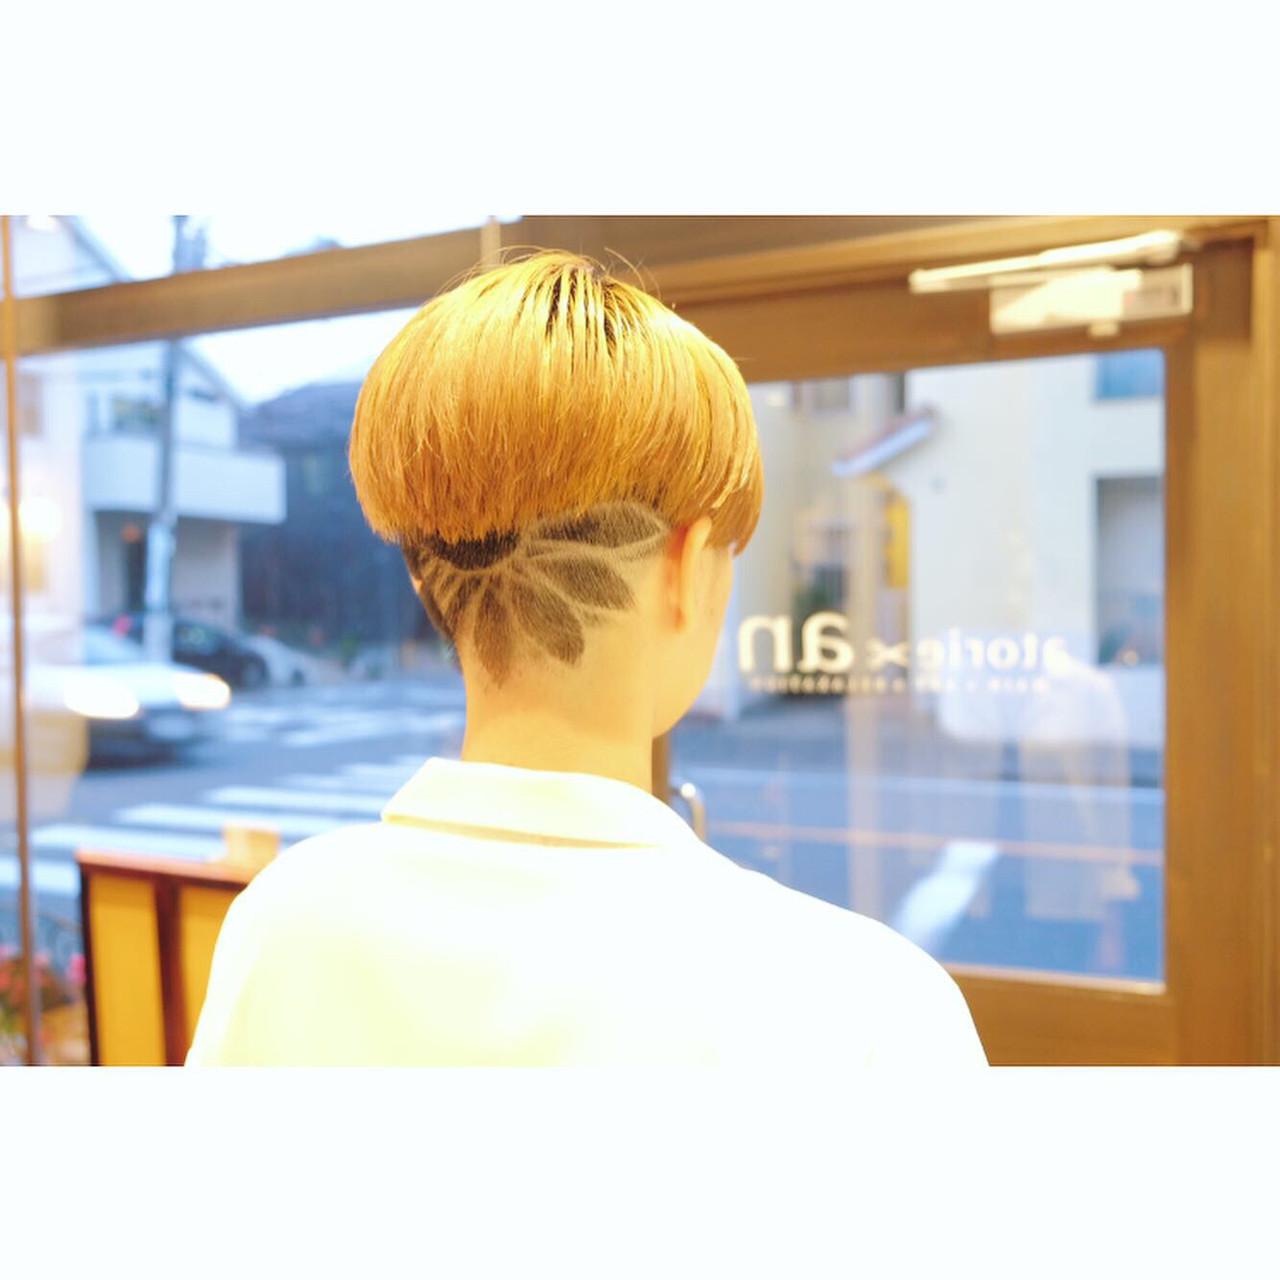 刈り上げ女子 刈り上げショート ハイトーンカラー ラインアート ヘアスタイルや髪型の写真・画像